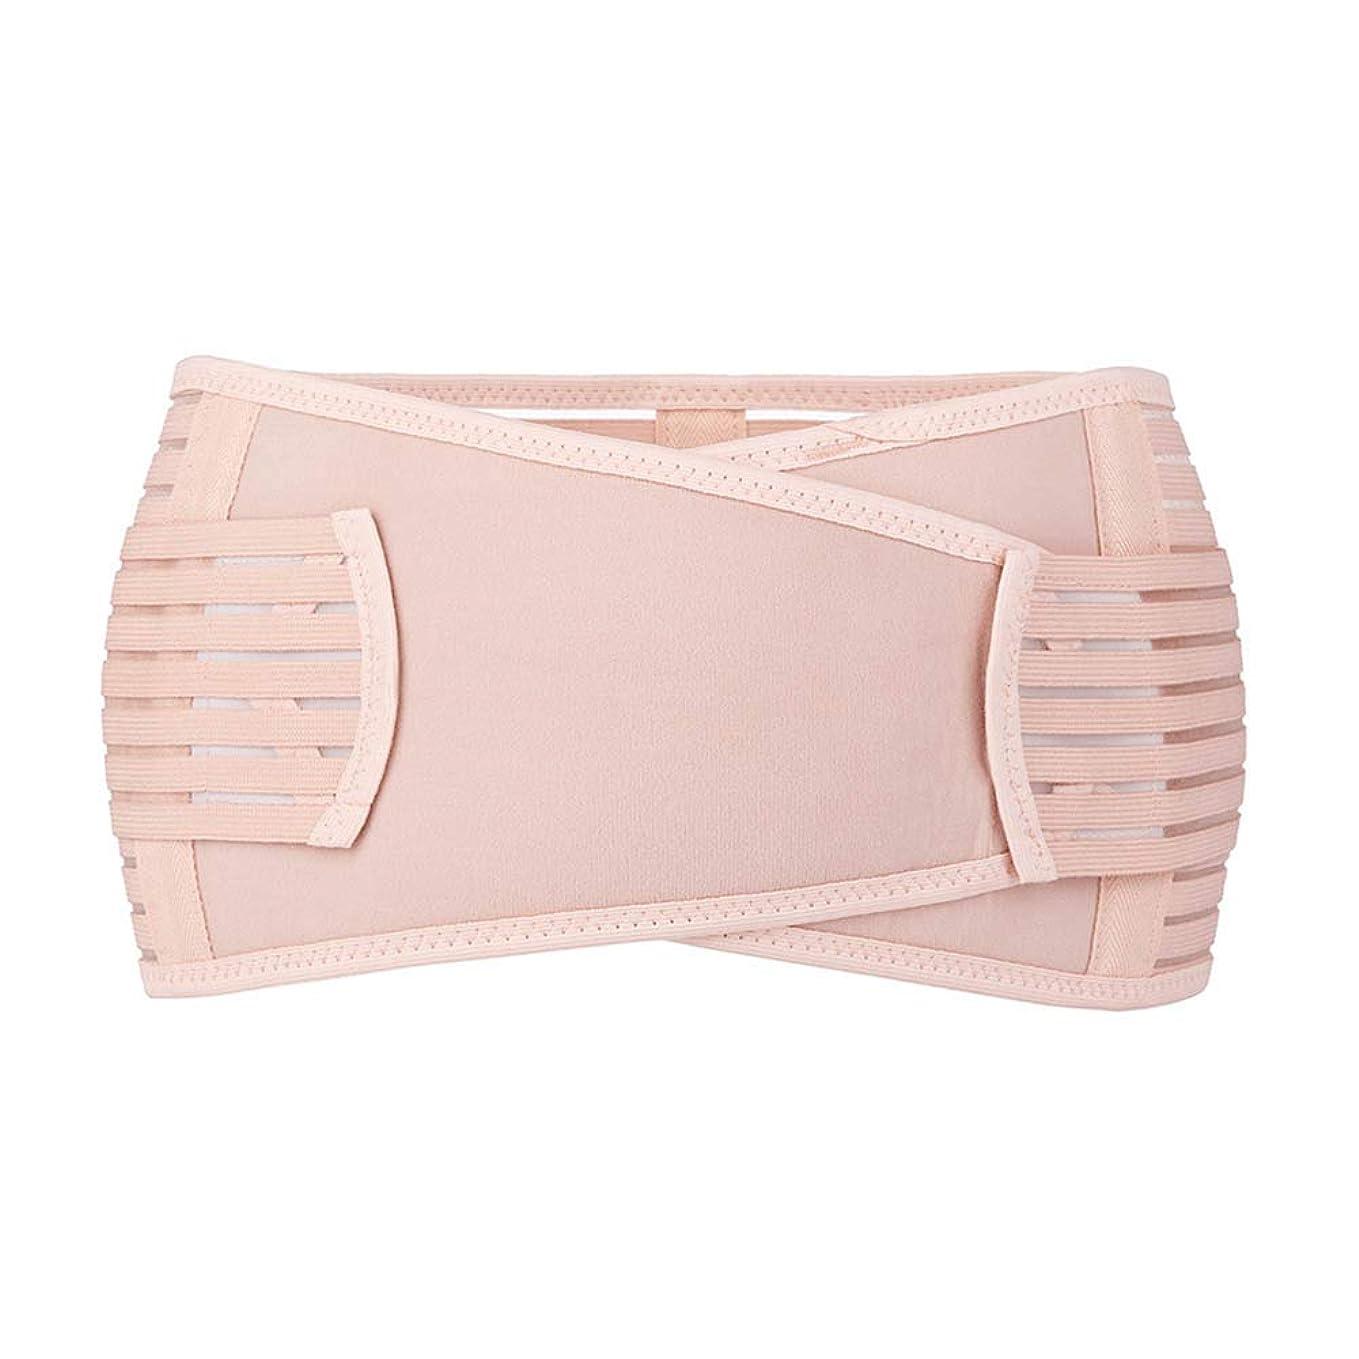 レタスフィッティング評価する減量スリミングベルト、ウエストトリマーベルト産後のサポートガードルベルトポスト妊娠後の妊娠特別な腹、脂肪燃焼,Pink,L